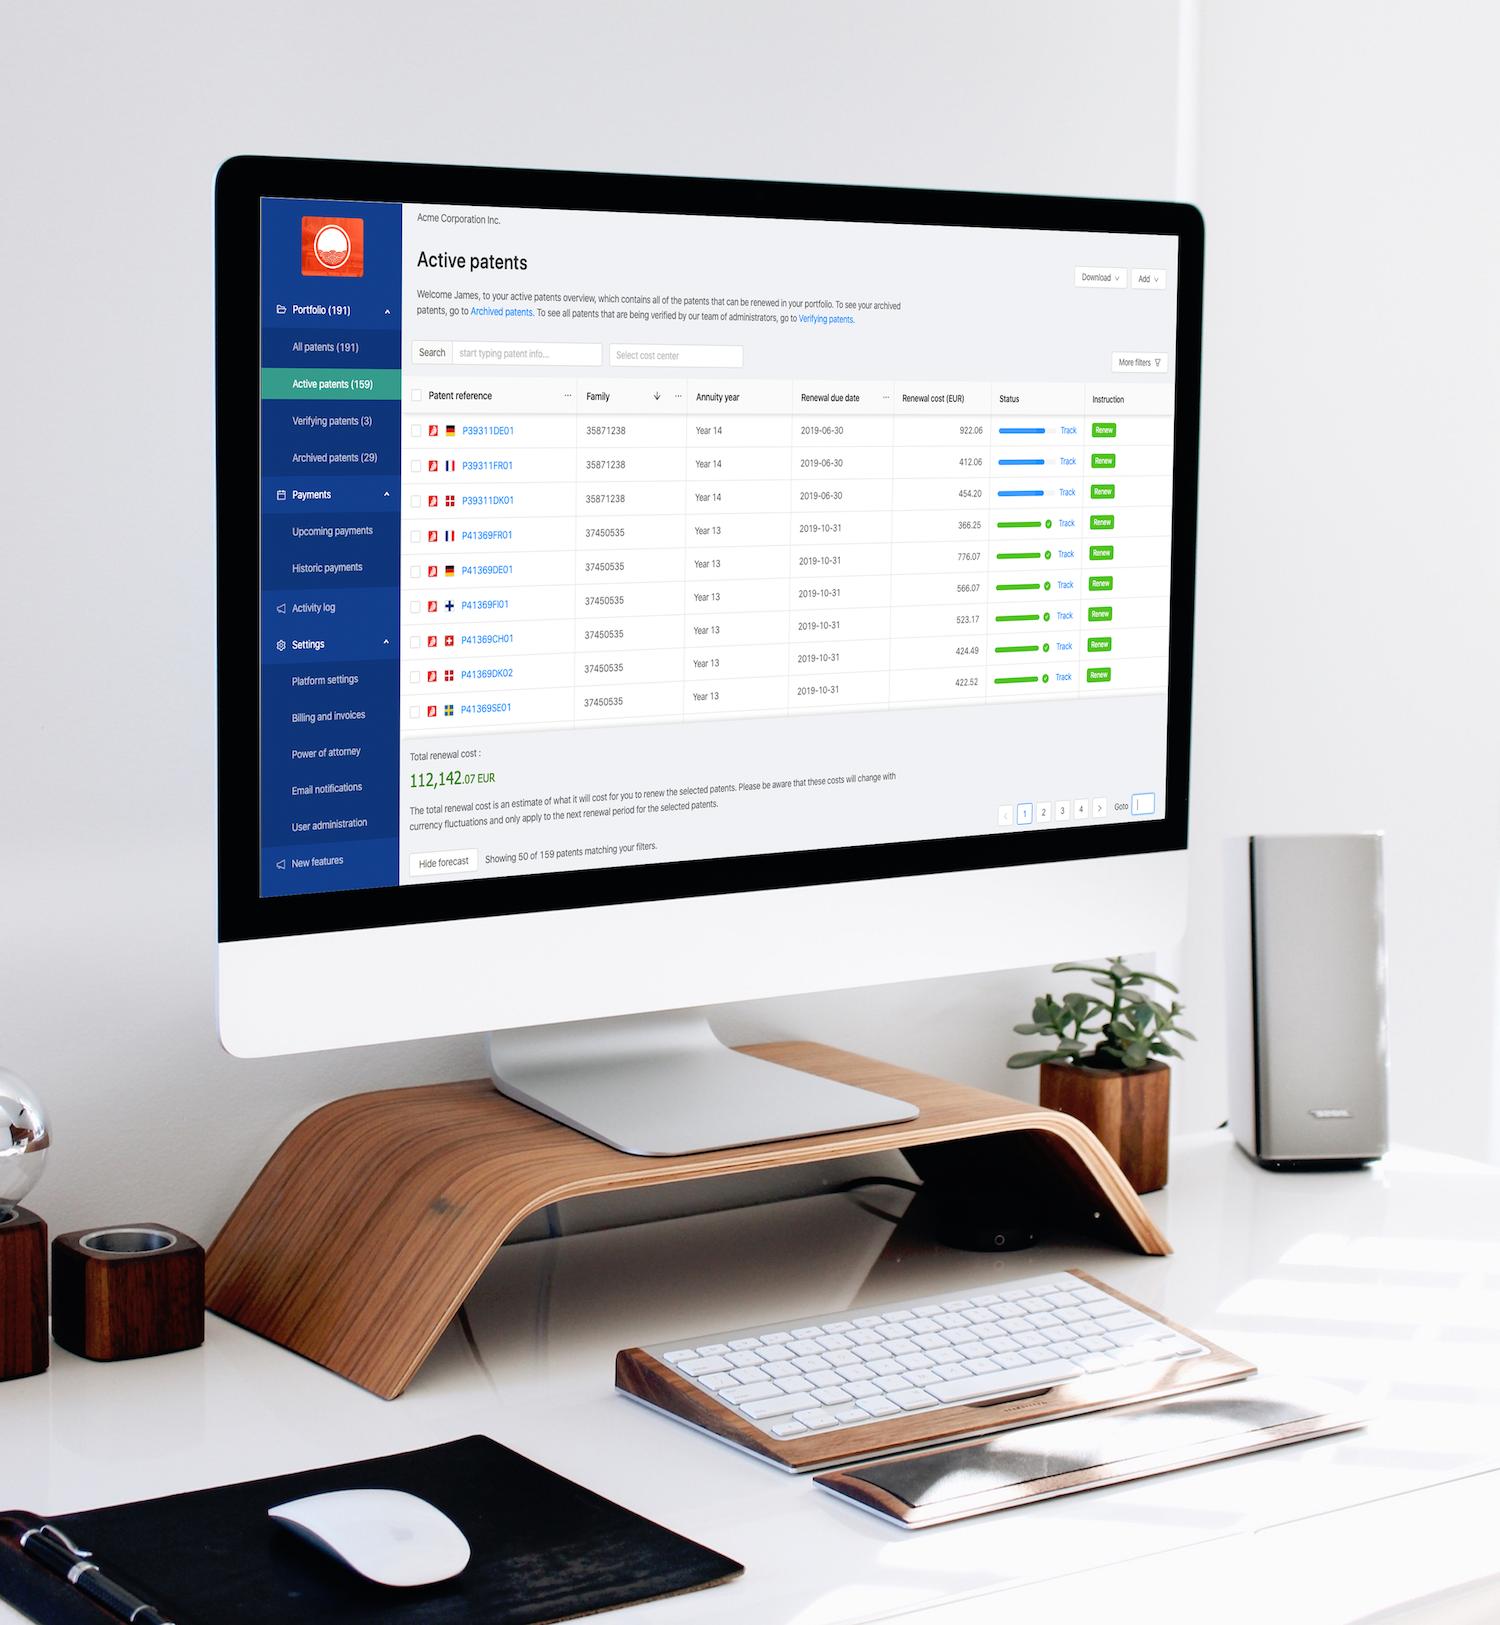 Patentrenewal platform user interface